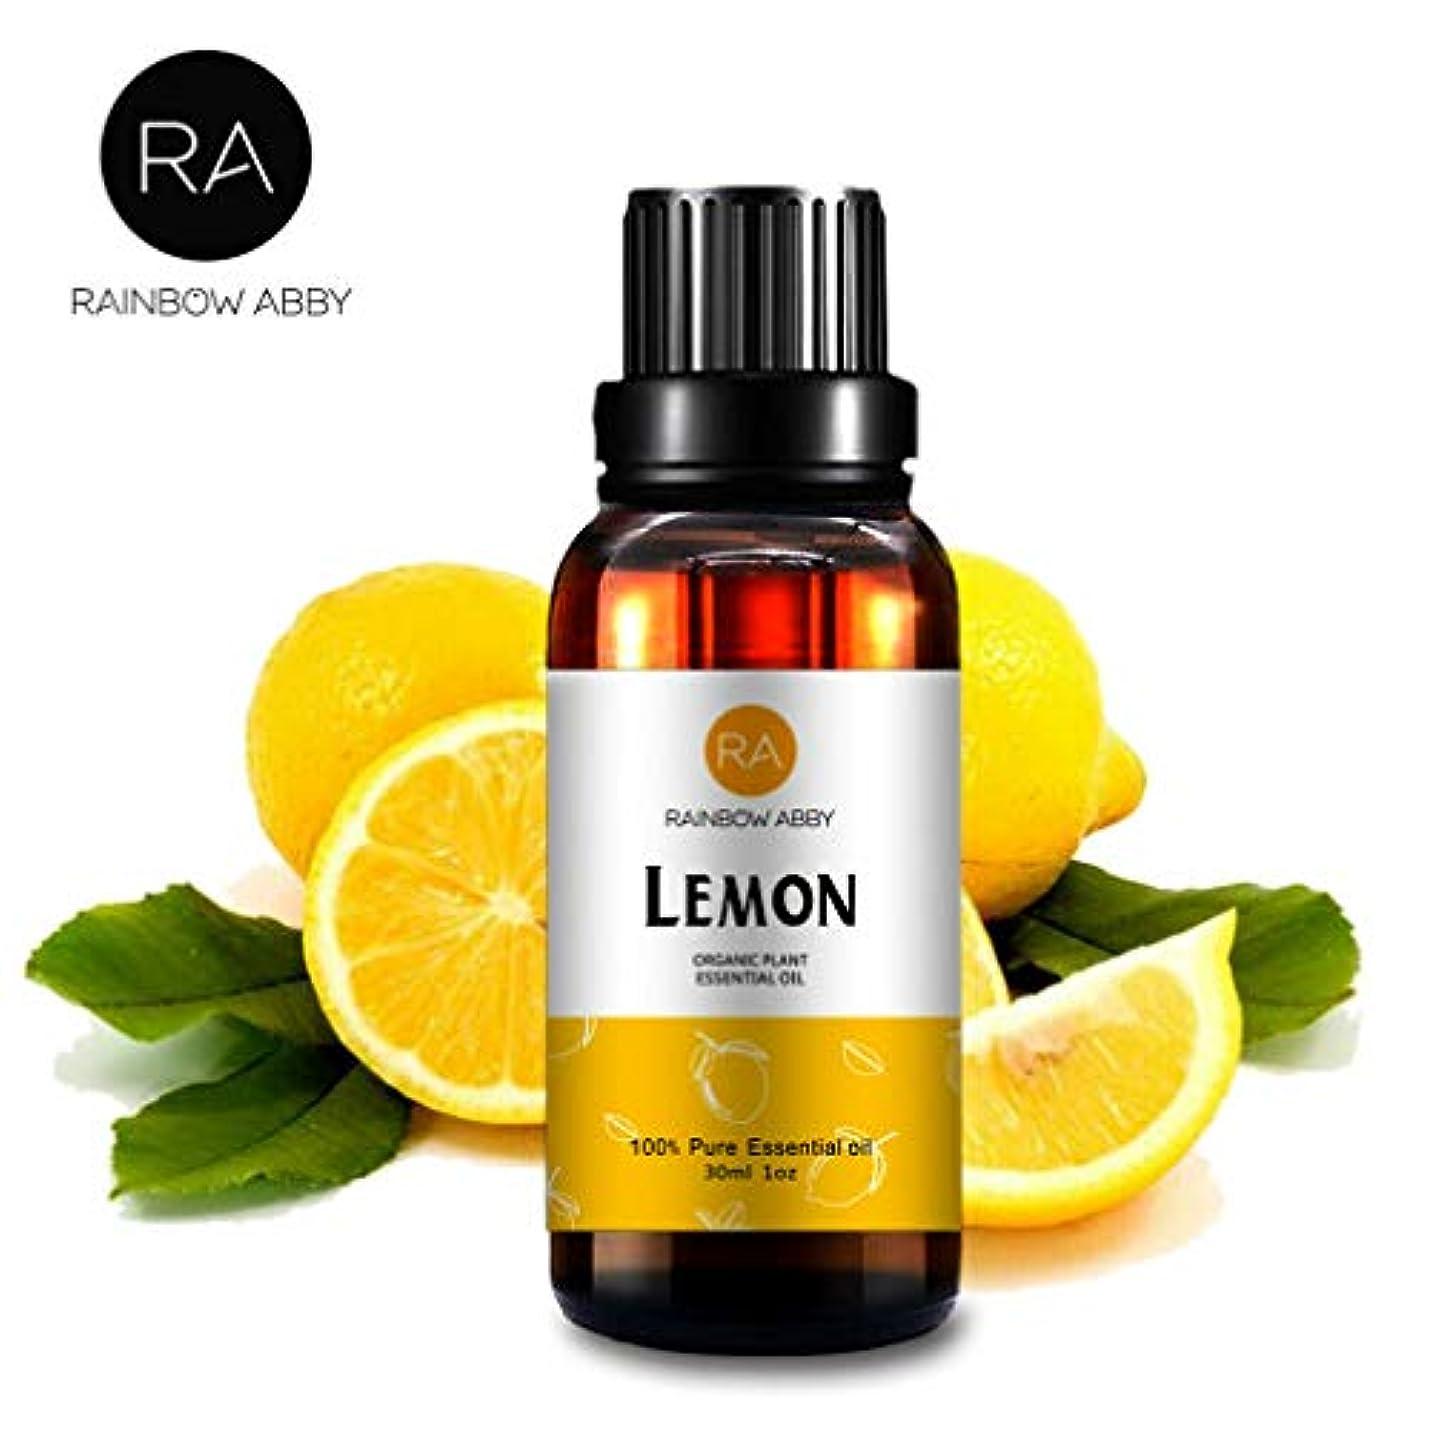 旅行代理店舗装発送RAINBOW ABBY レモンエッセンシャル オイル ディフューザー アロマ セラピー オイル (30ML/1oz) 100% ピュアオーガニック 植物 エキスレモン オイル